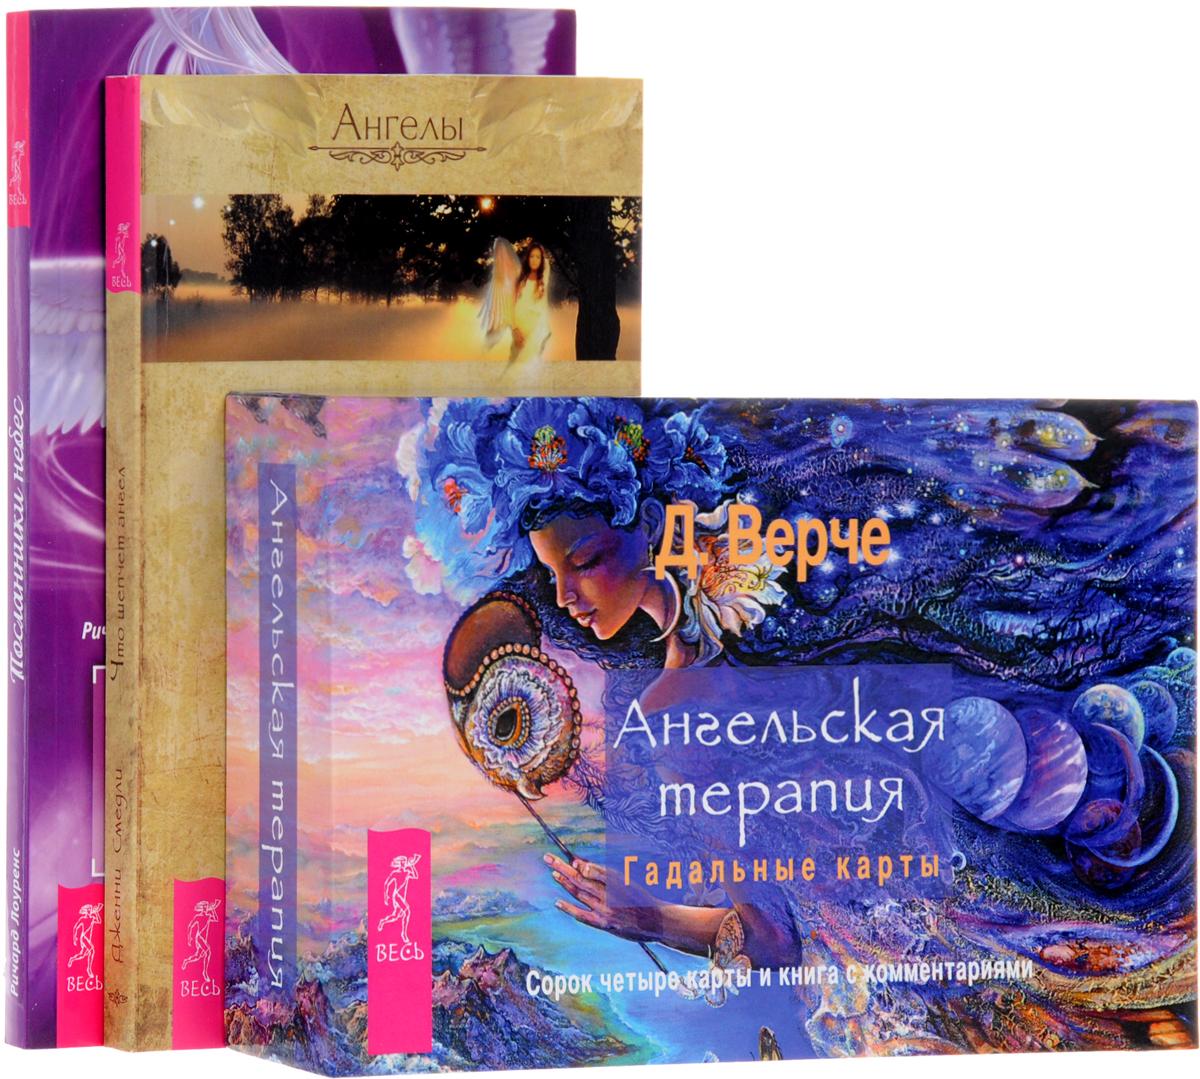 Д. Верче, Ричард Лоуренс, Дженни Смедли Ангельская терапия. Посланник небес. Что шепчет ангел (комплект из 3 книг + набор из 44 карт) карты игральные славянские 36 карт